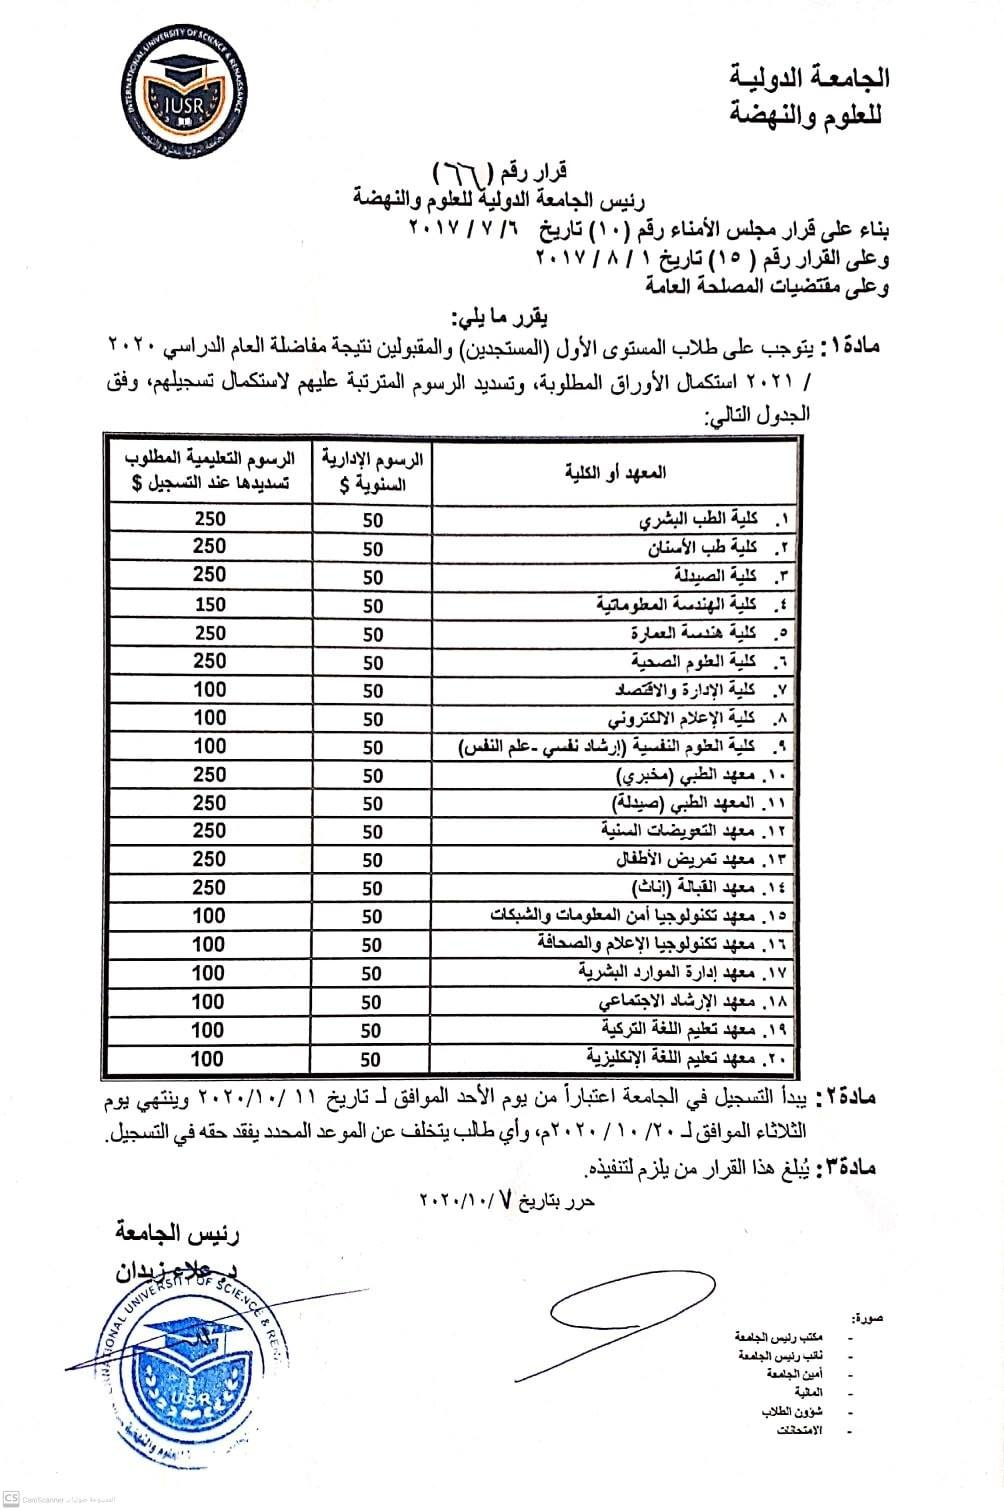 الشروط العامة للتسجيل في الجامعة